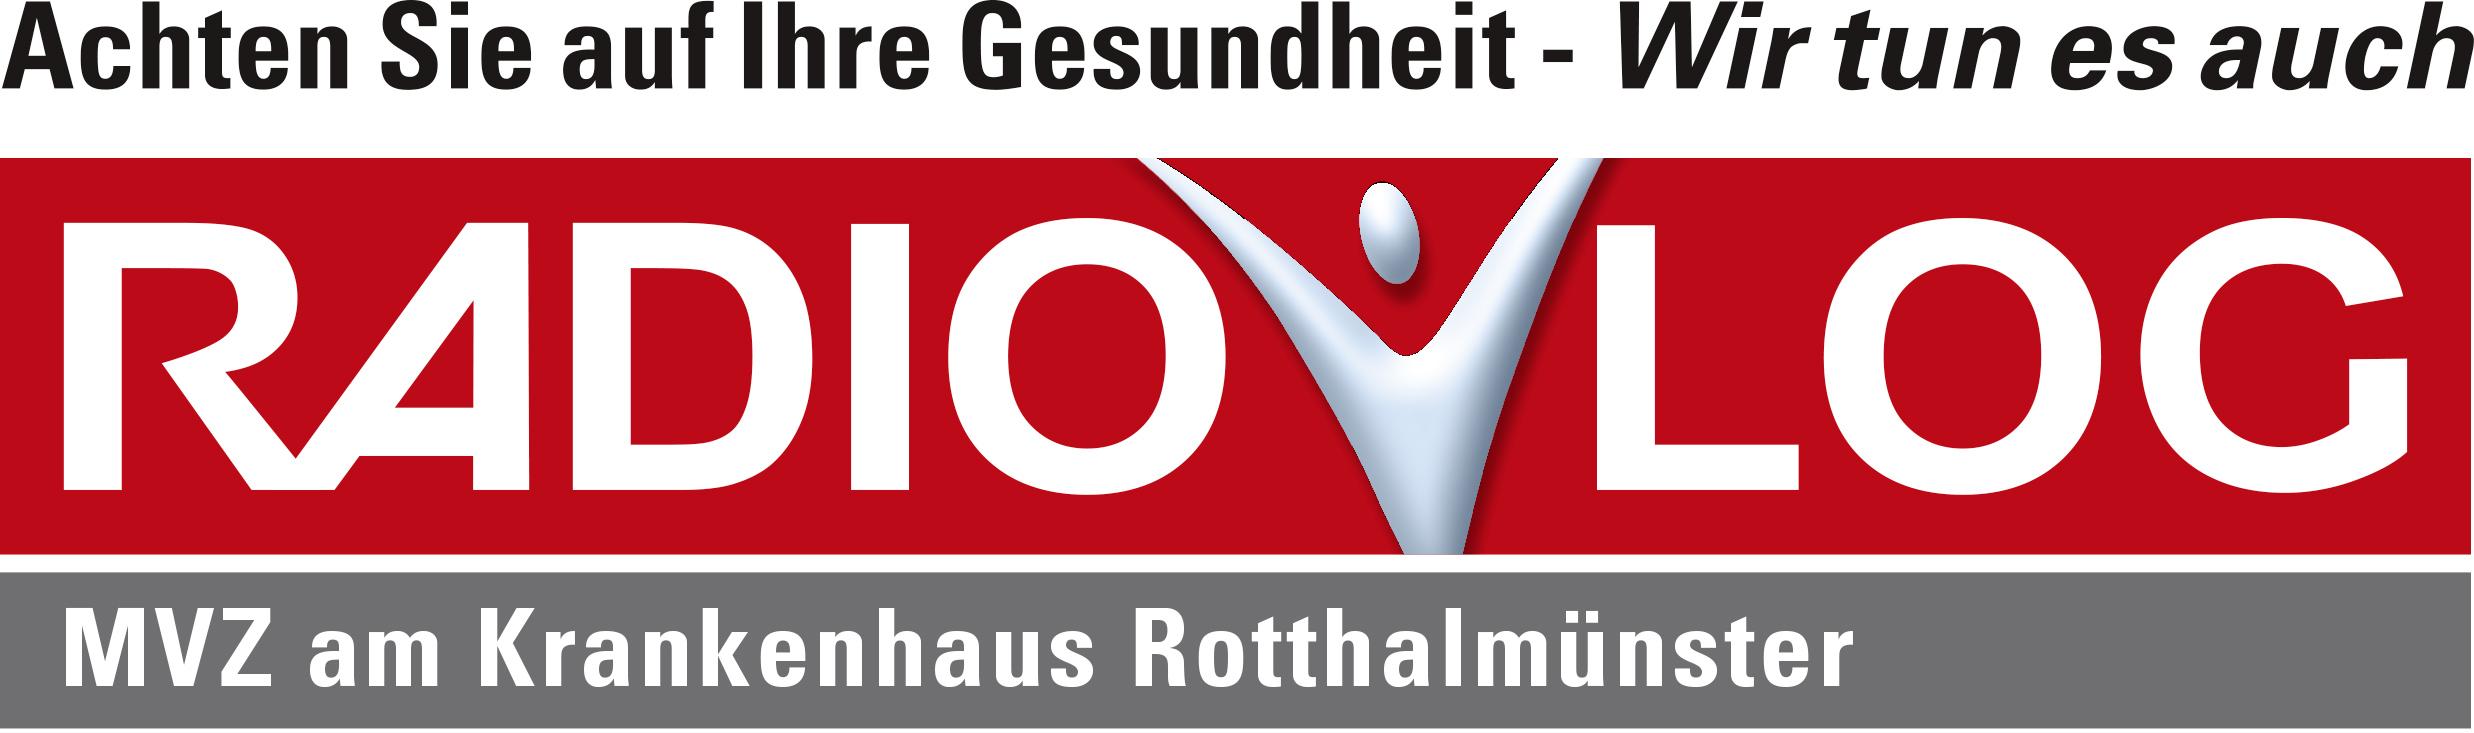 logo-radiolog-4c-mvz-rotthalmuenster-rl